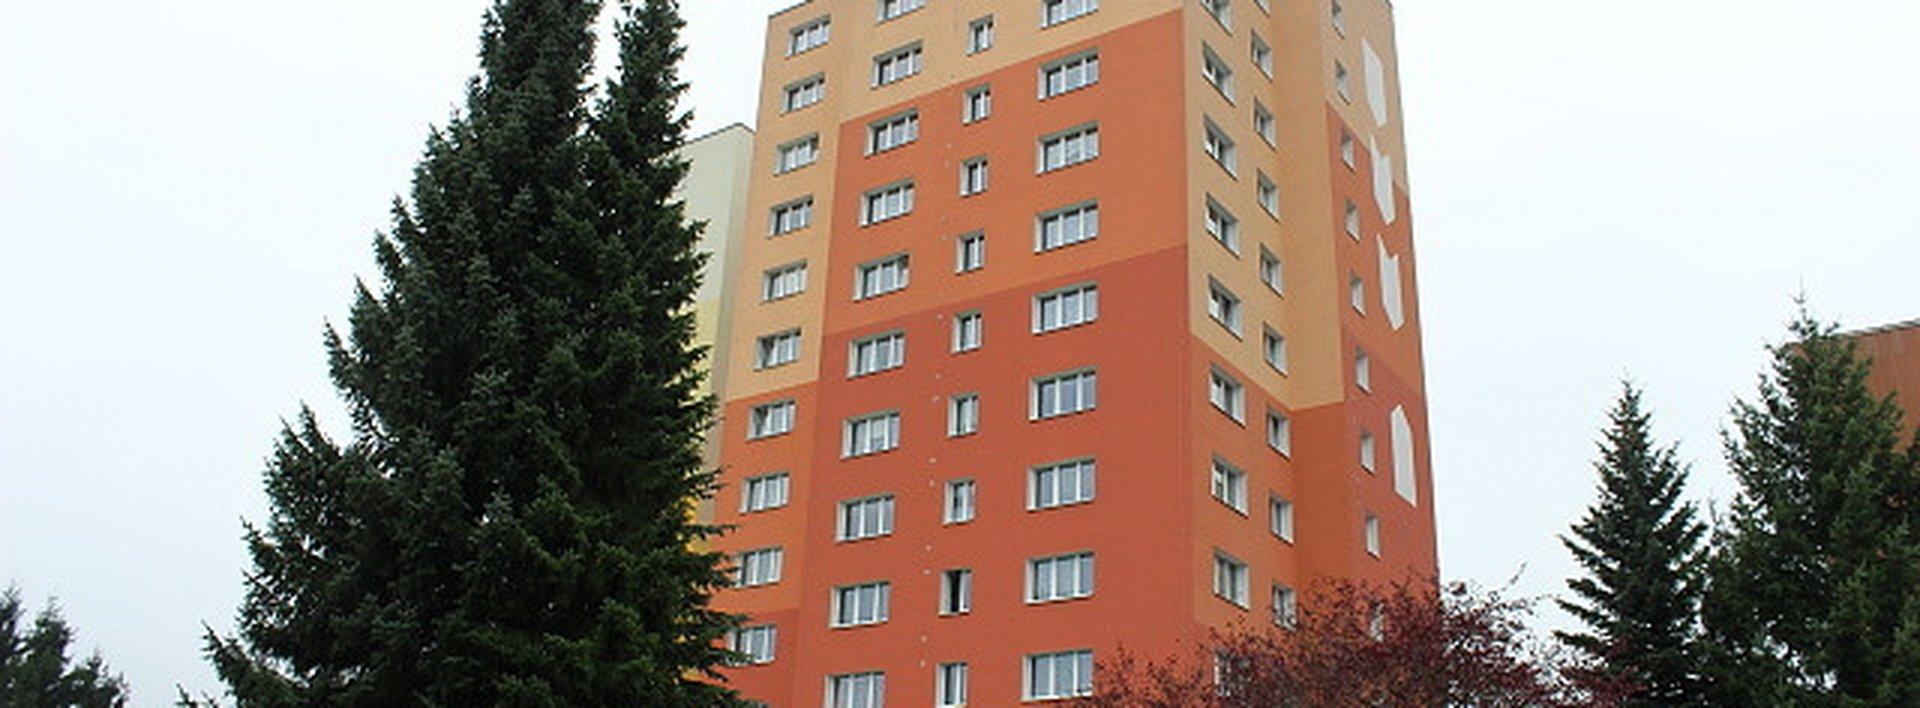 Byt 1+1, DV, 40 m², U Školky, Tanvald, Ev.č.: N46959